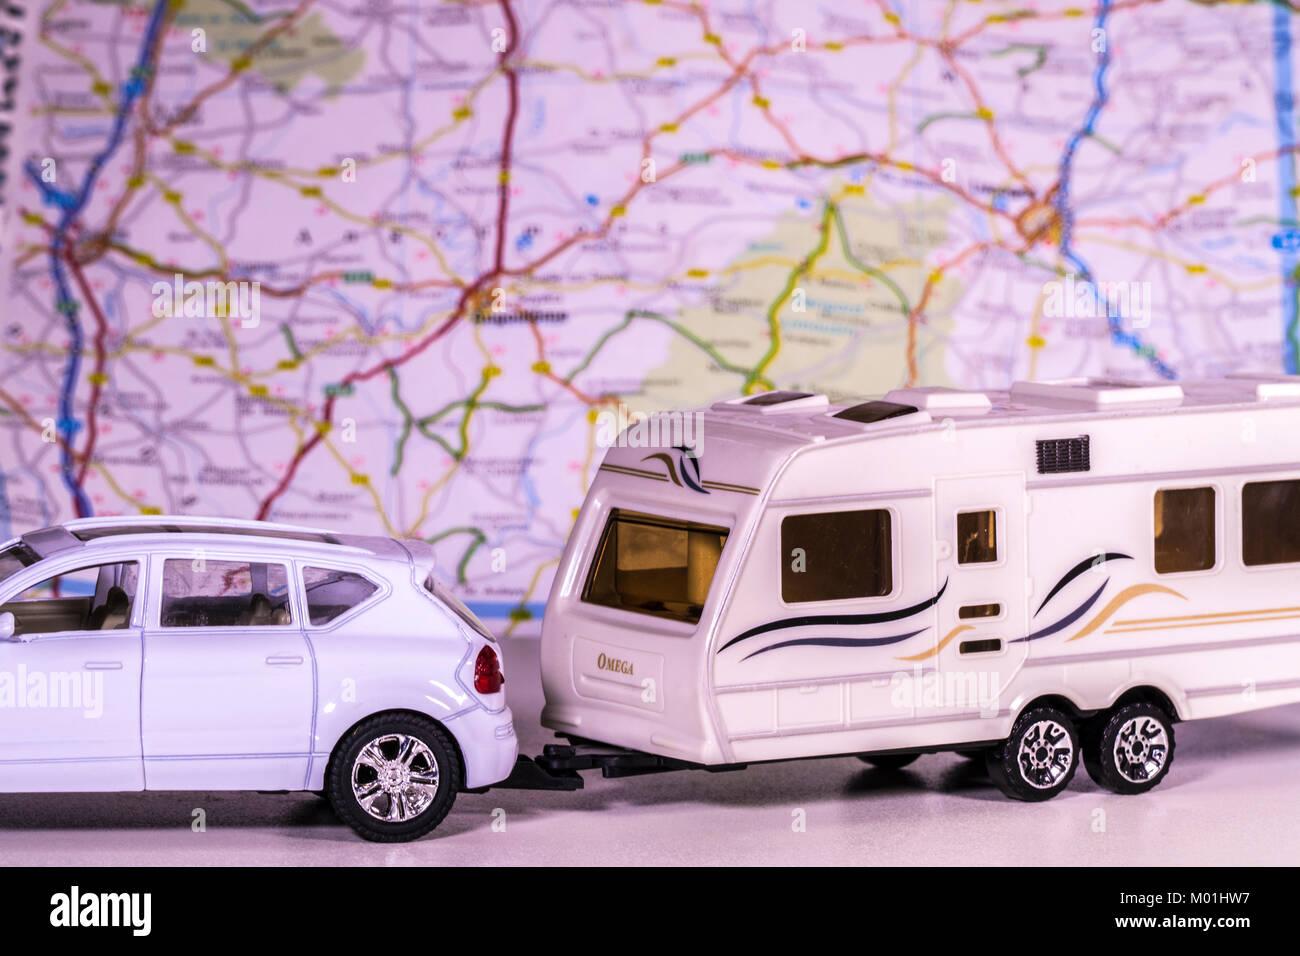 Modell Caravan und Auto mit einem Defokussierten Karte/Atlas im Hintergrund. Konzept der jeden Aspekt des Camping/Touring/Freiheit der offenen Straße, etc. Stockfoto